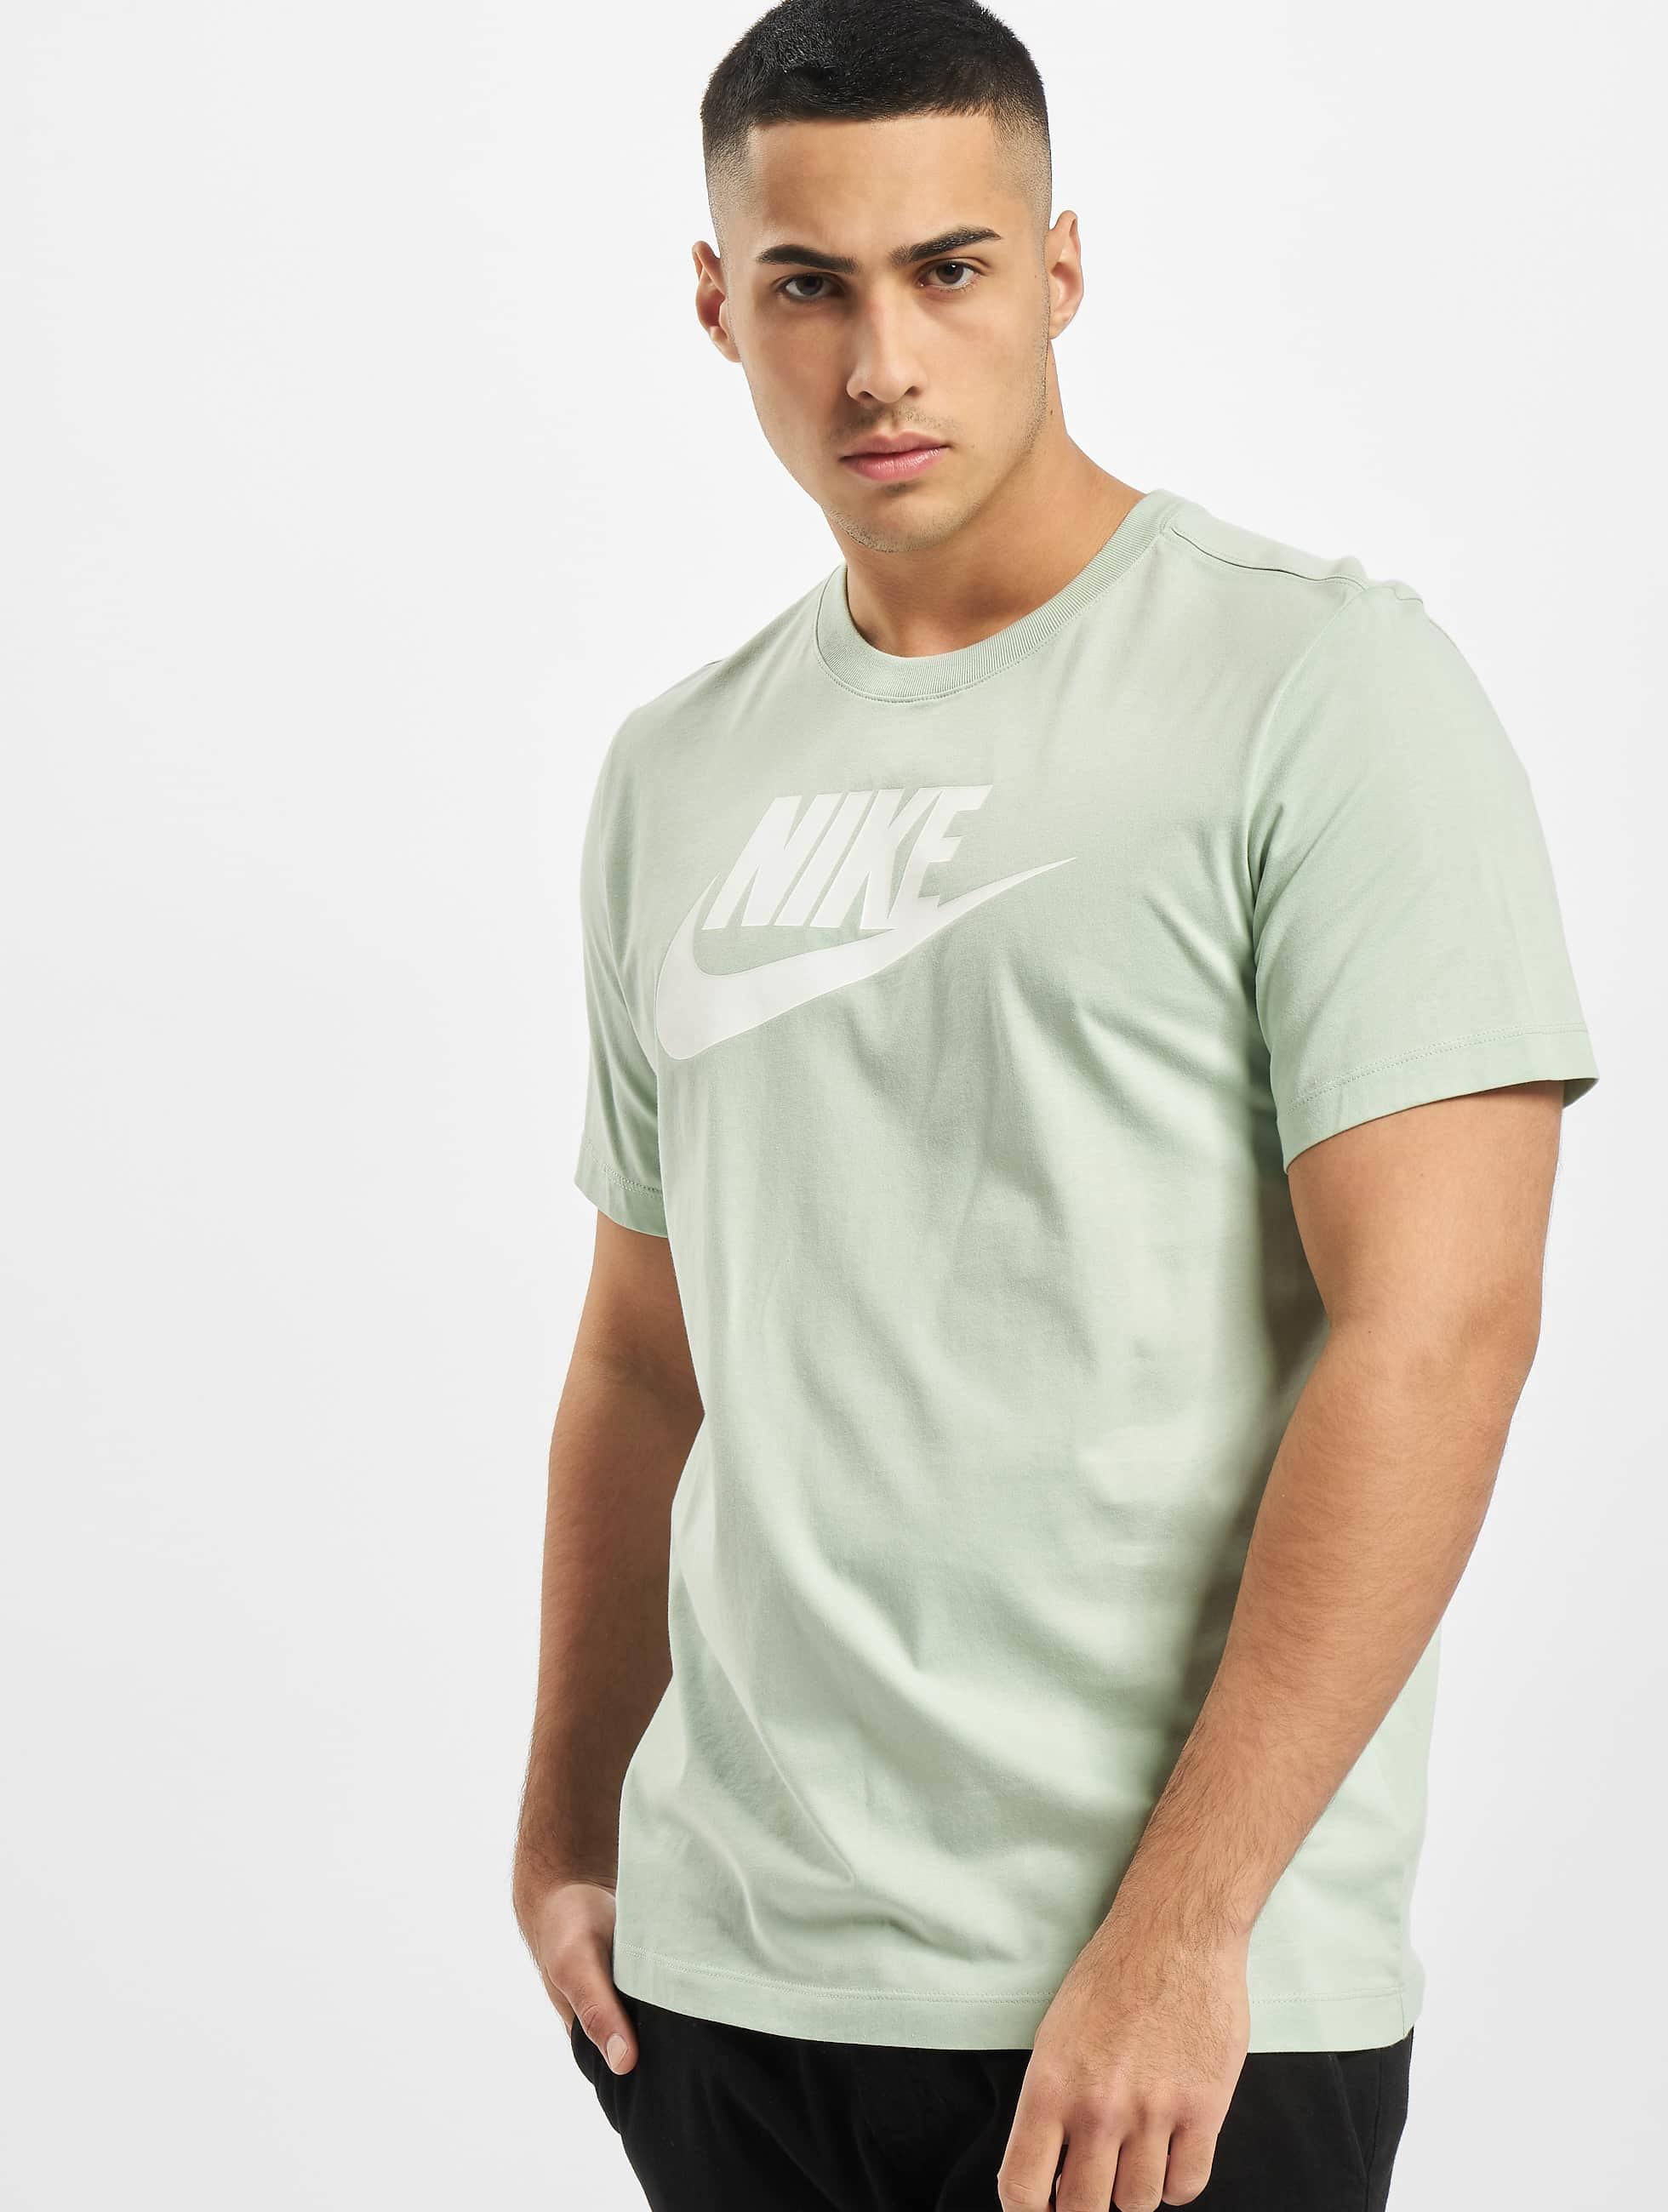 Nike Icon Futura T Shirt Pistachio FrostWhite